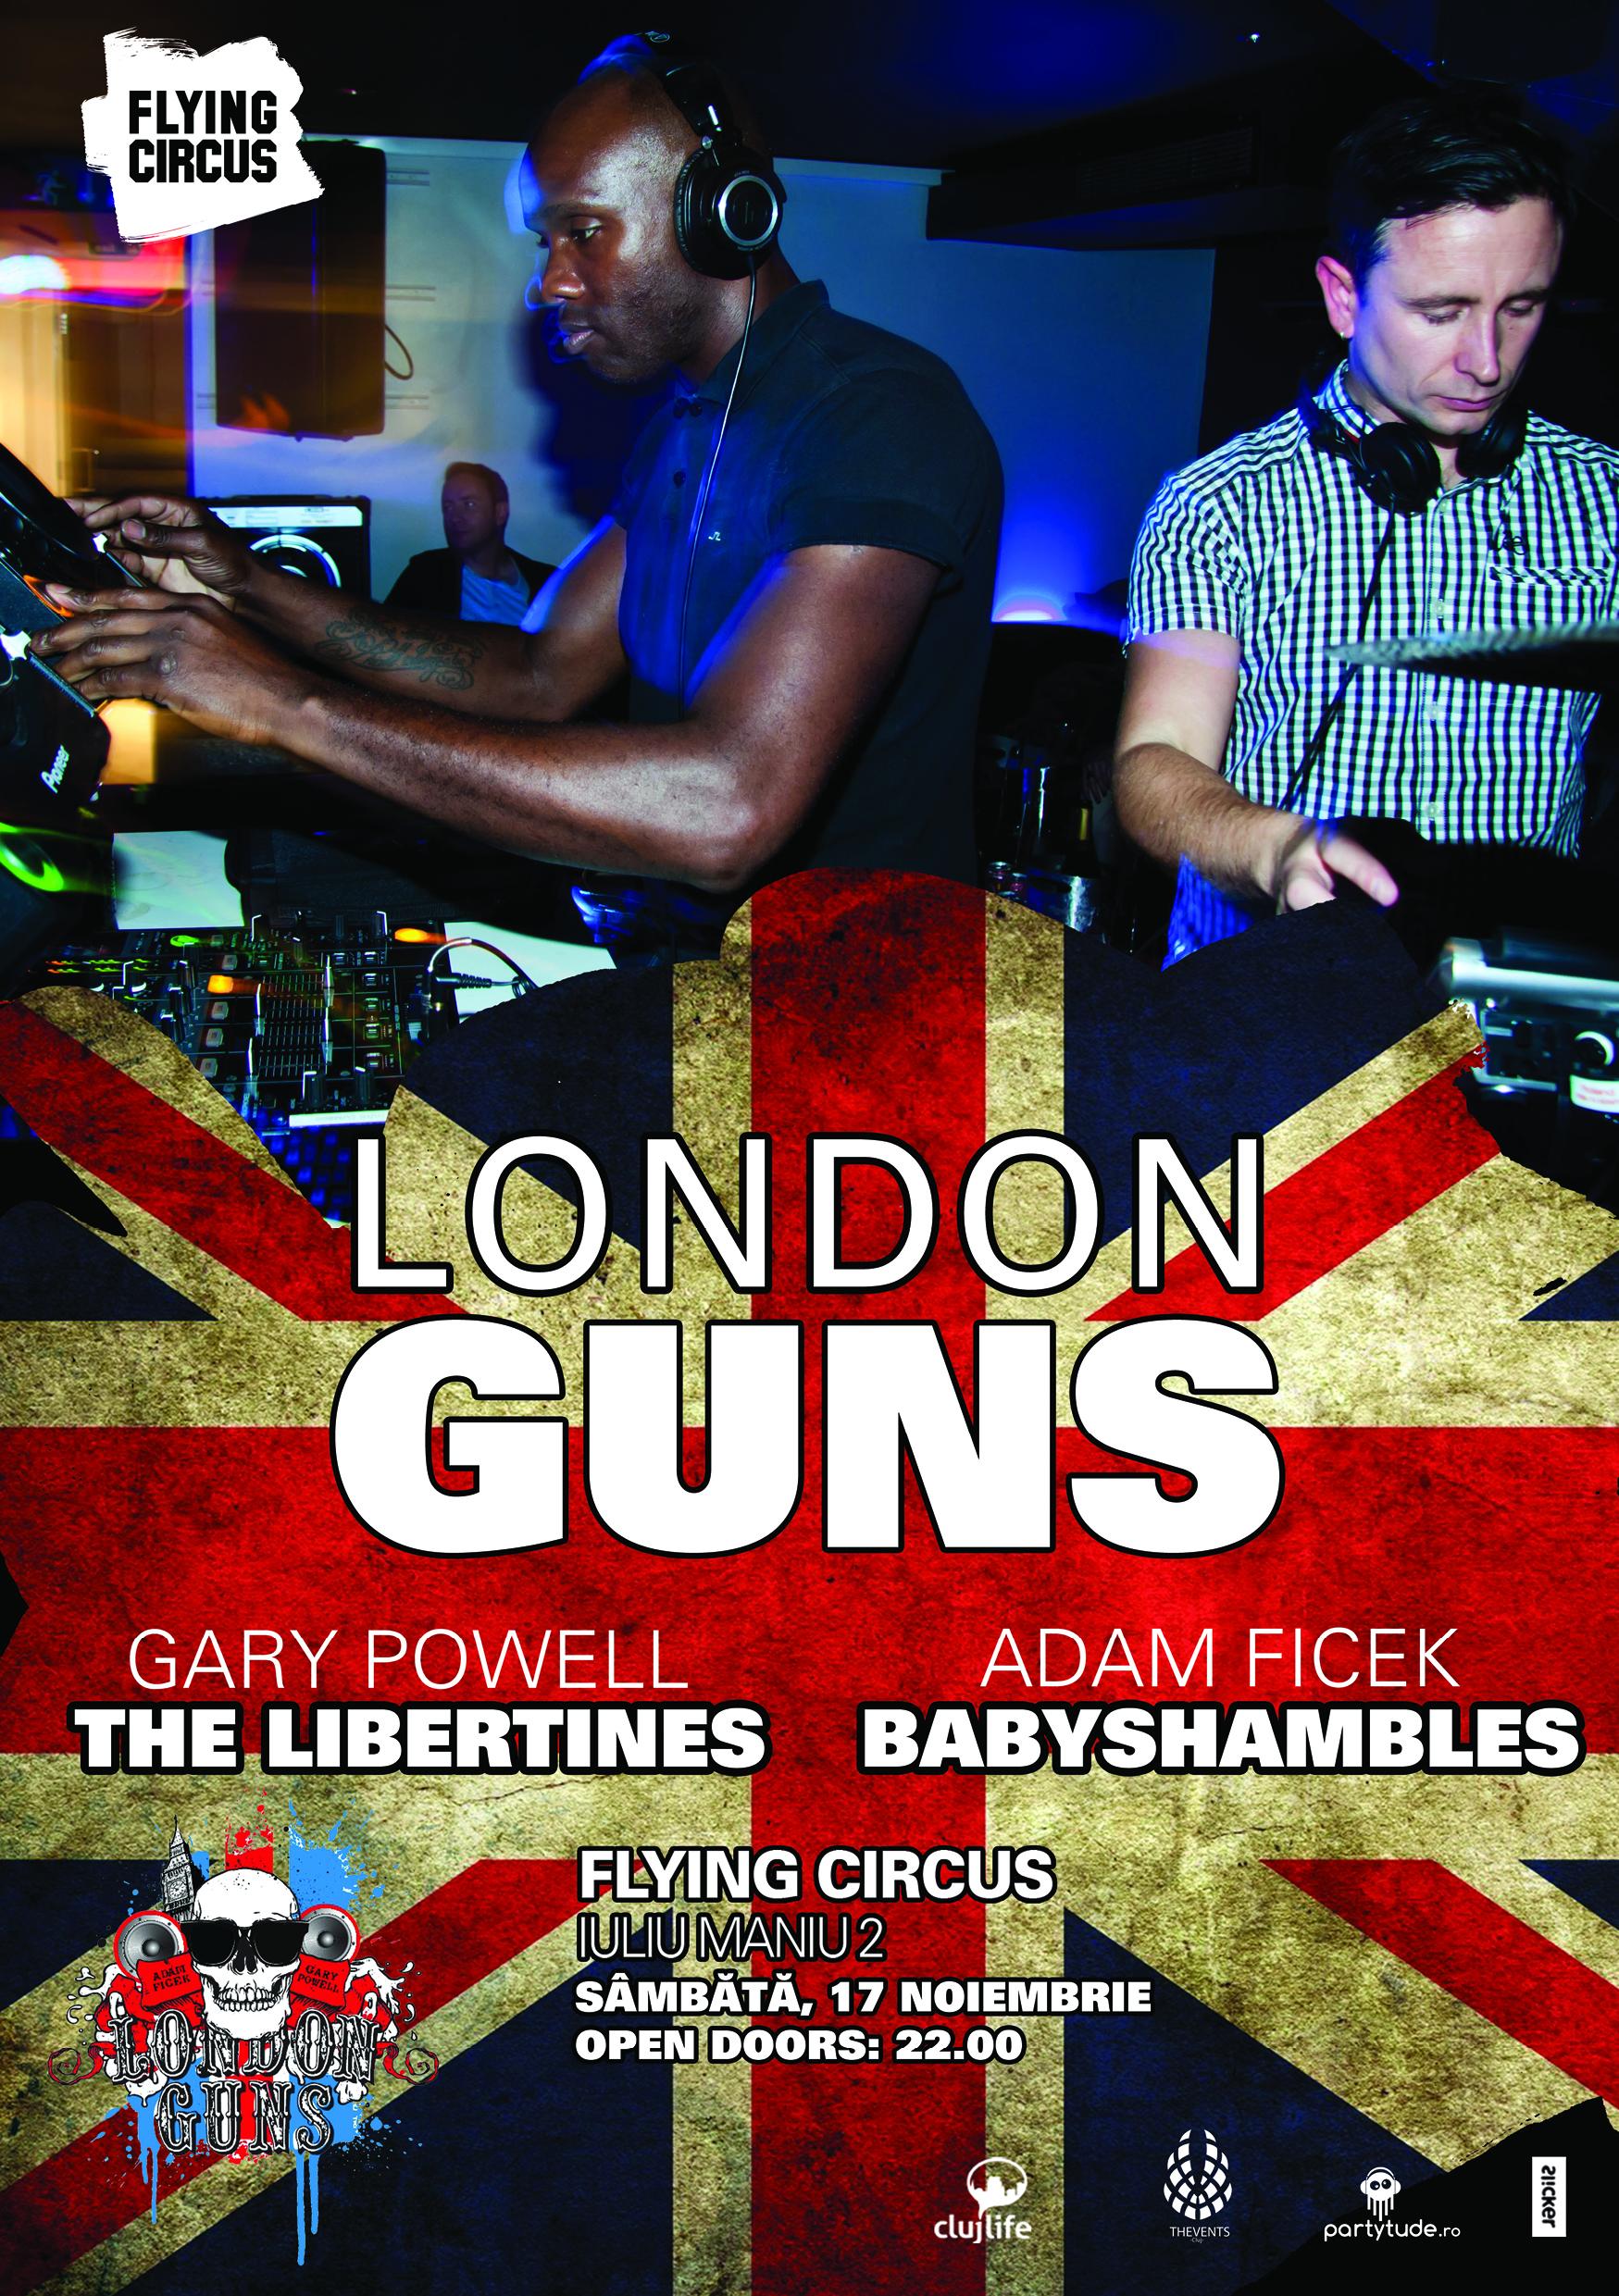 London Guns – The Libertines @ Flying Circus Pub